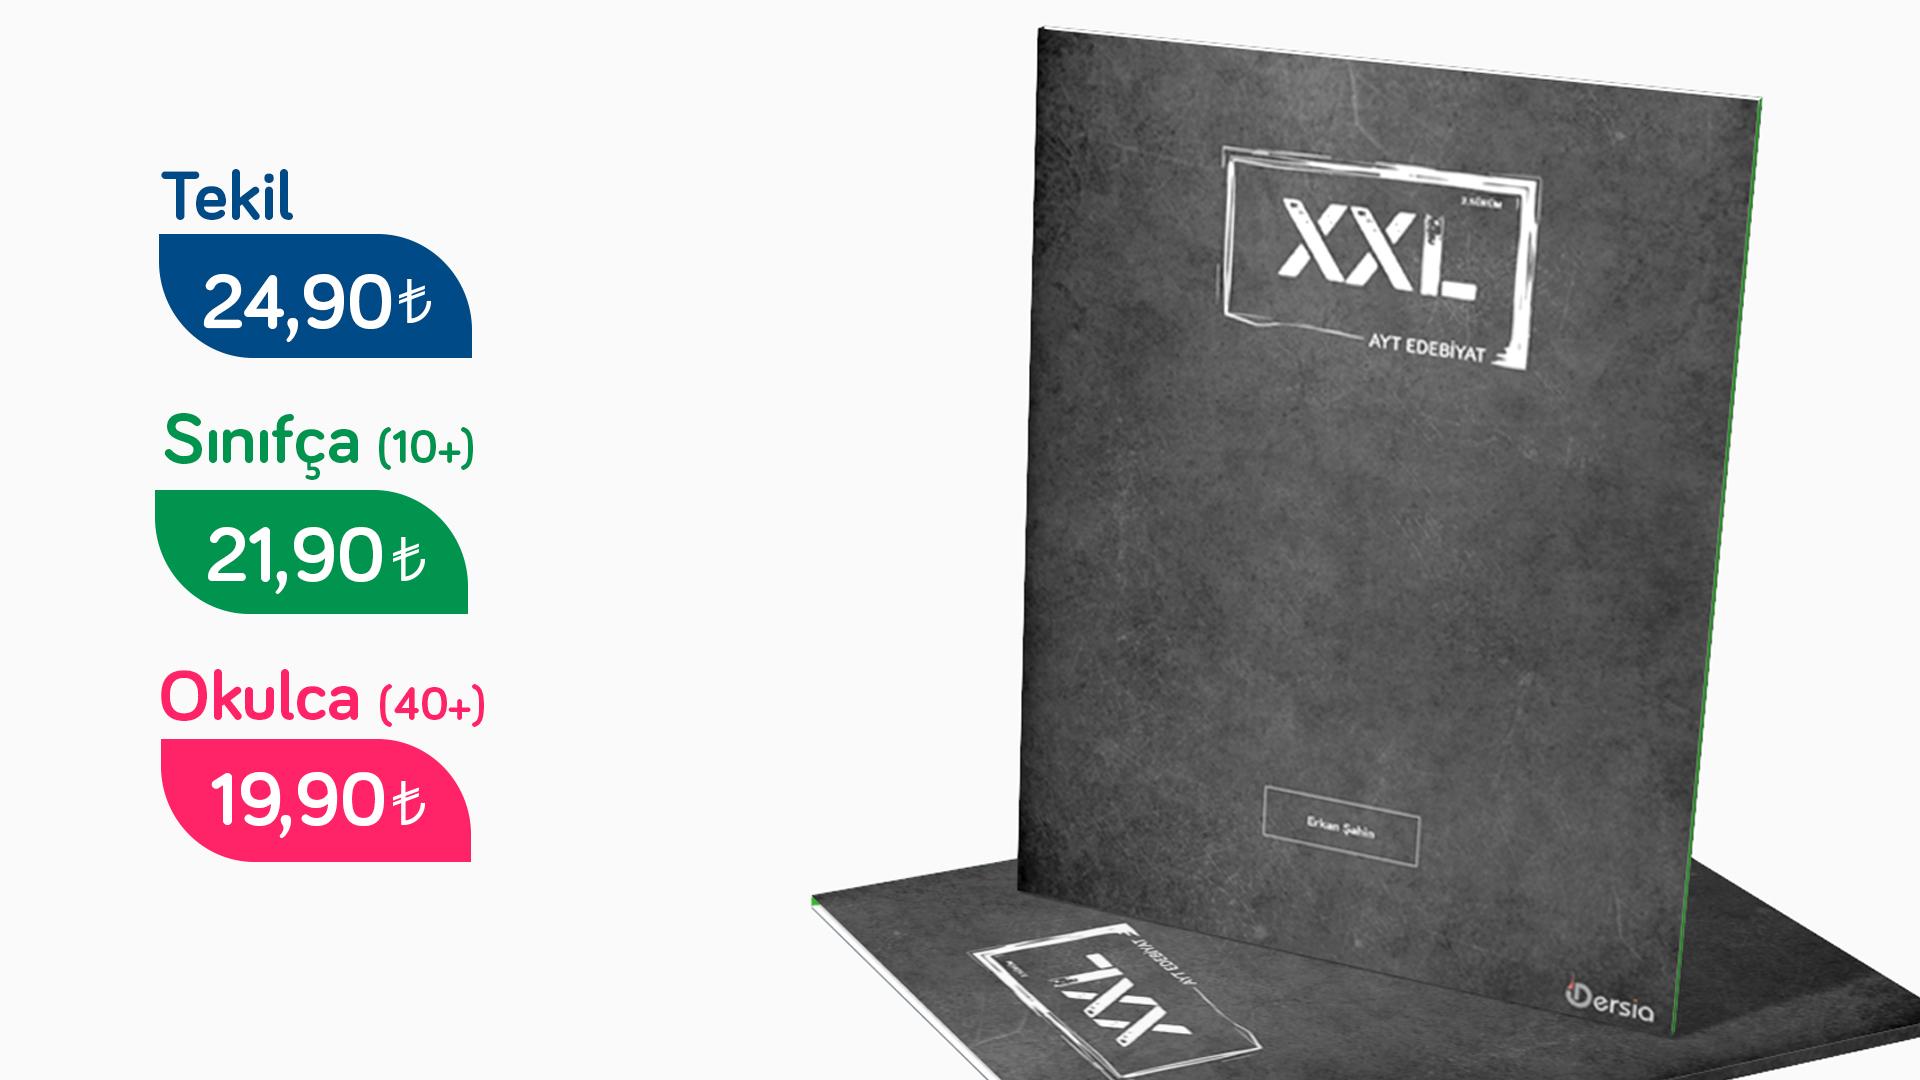 xxl-edebiyat-konu-anlatimi